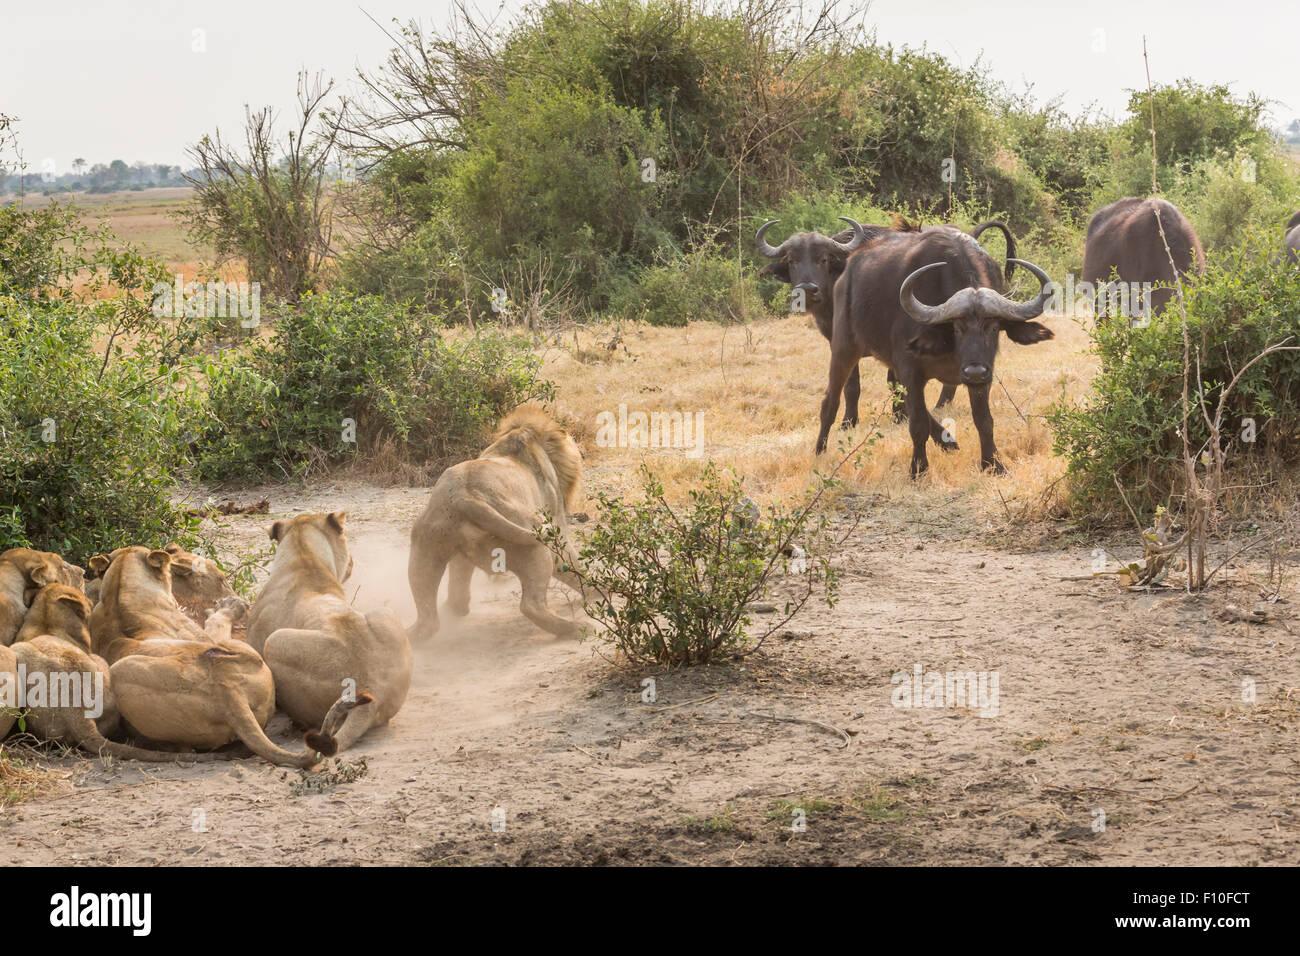 Räuber-beute-Interaktion: Konfrontation zwischen Büffel und Löwen, die ein Büffel Kalb gezogen Stockbild